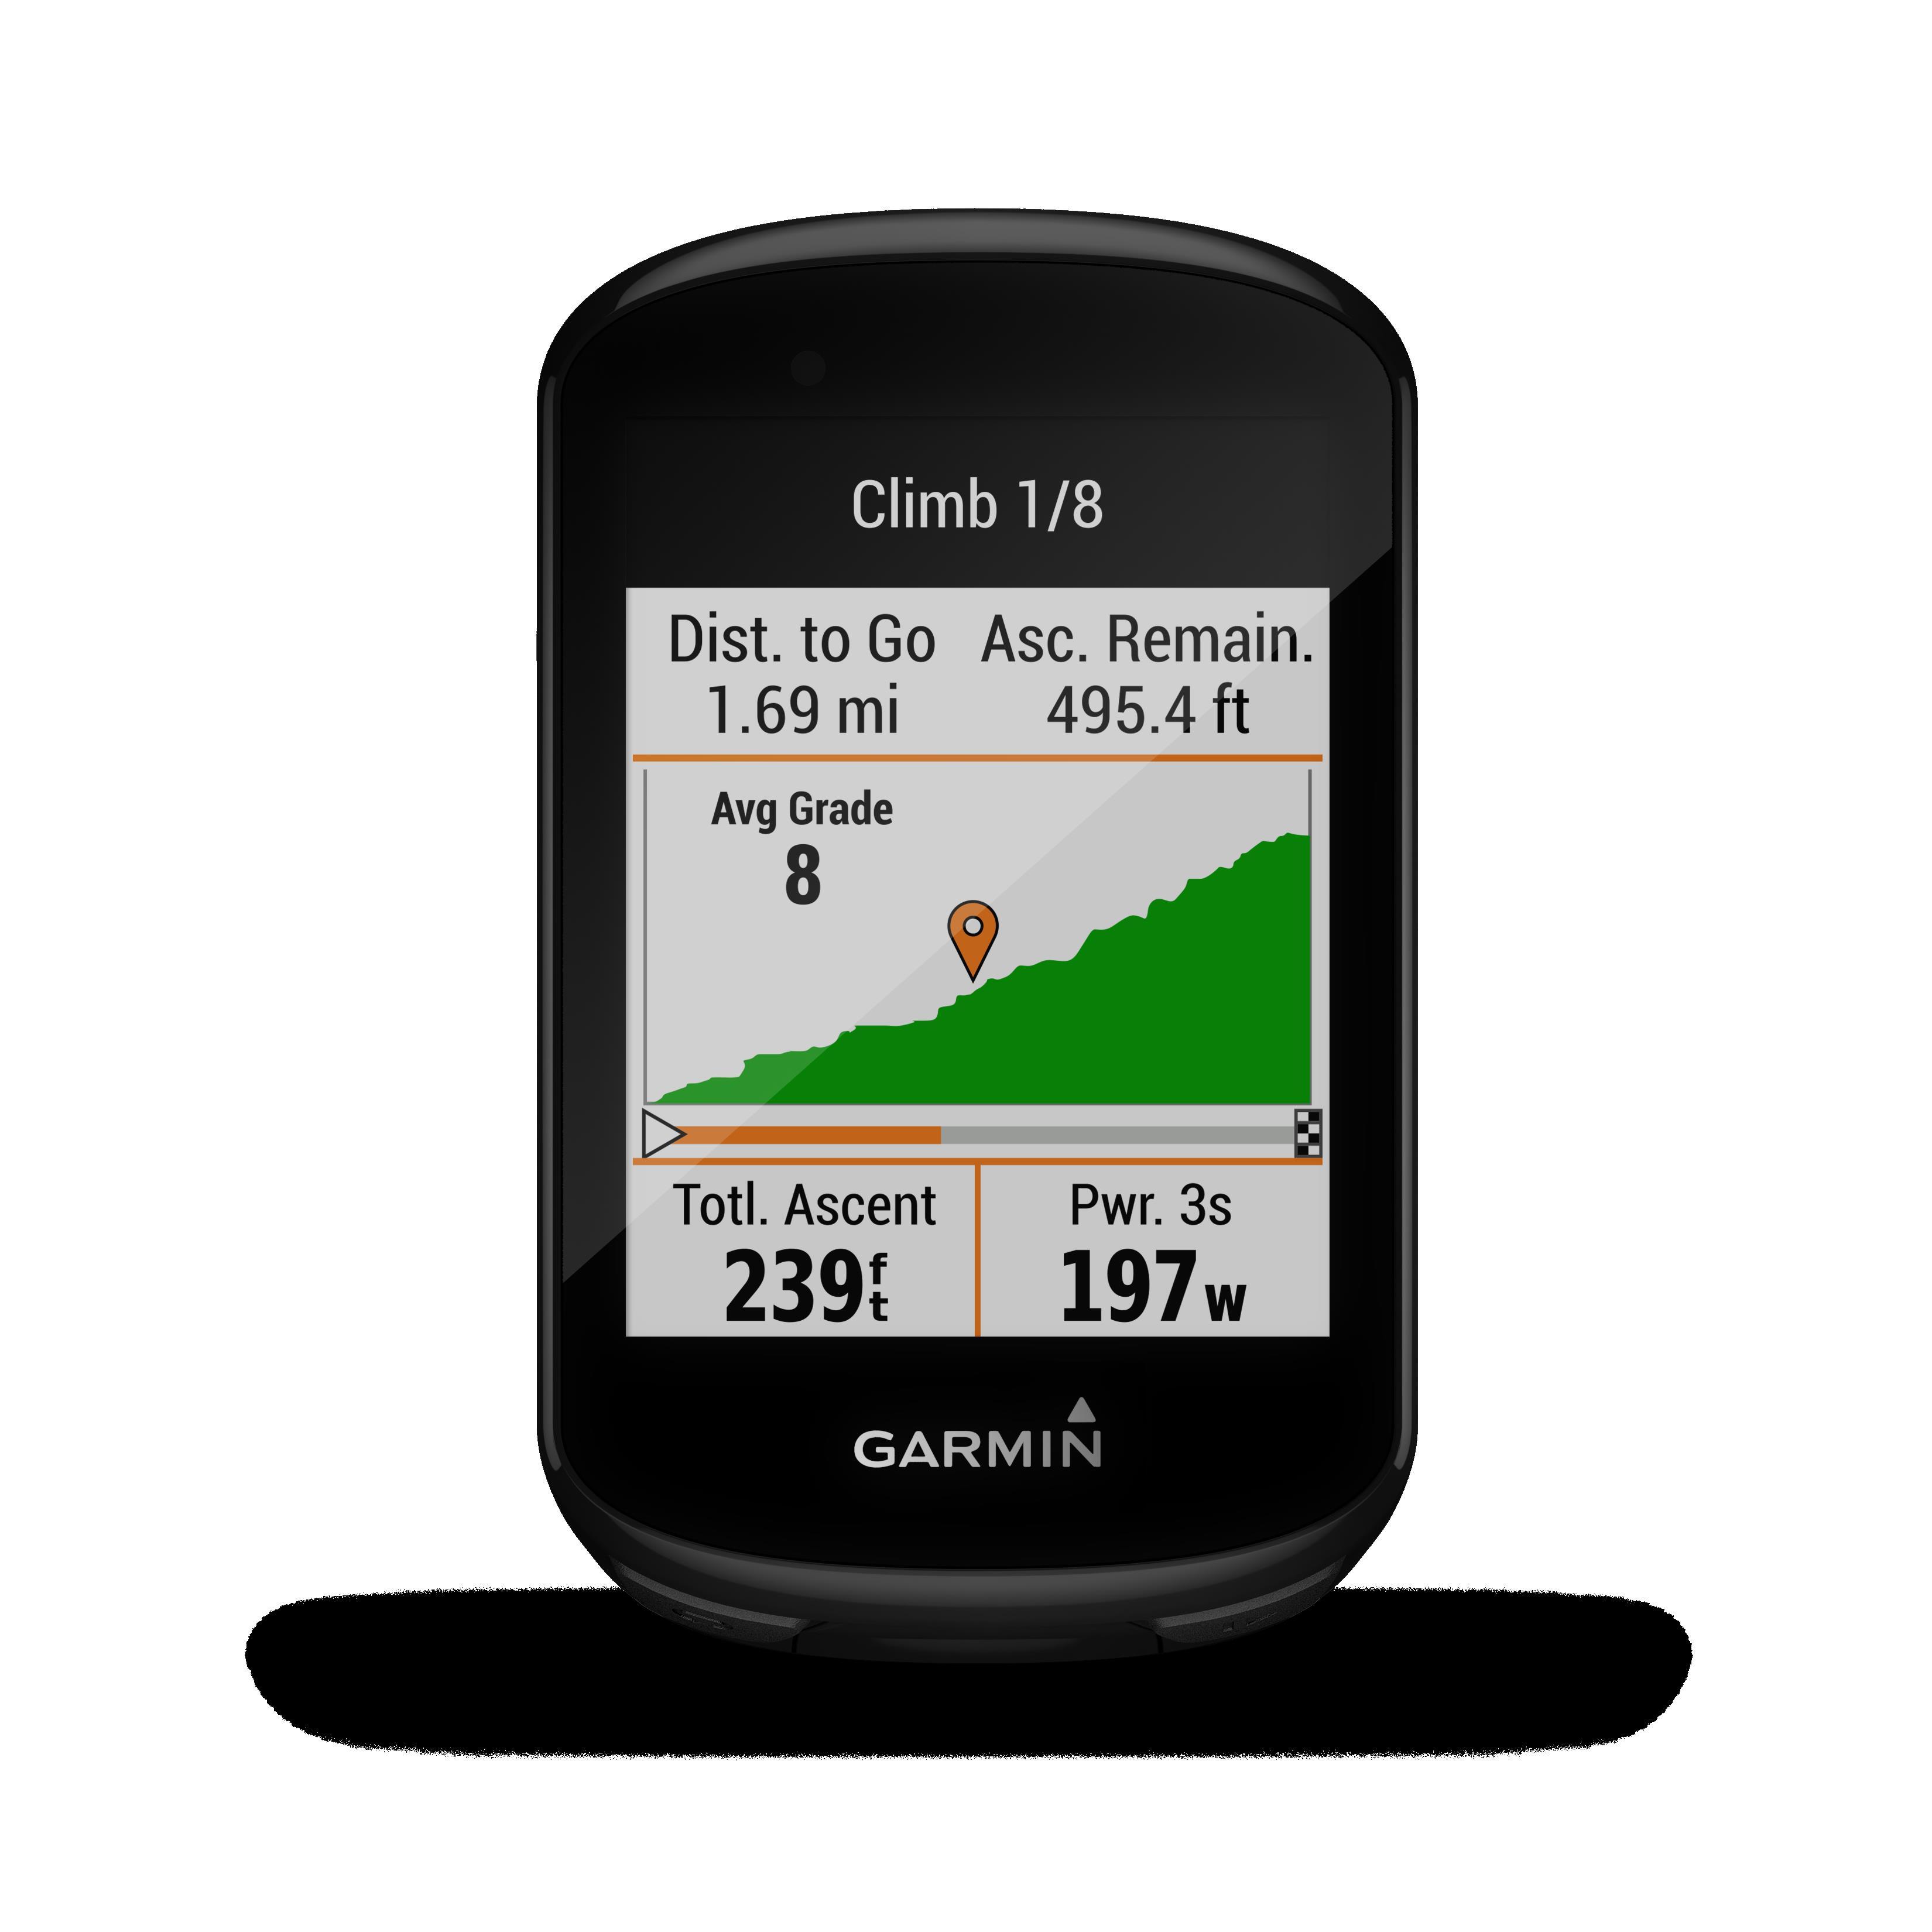 Garmin Edge 530 y 830: Gps ciclismo 20h batería, más nuevas funciones y conectividad ampliada.